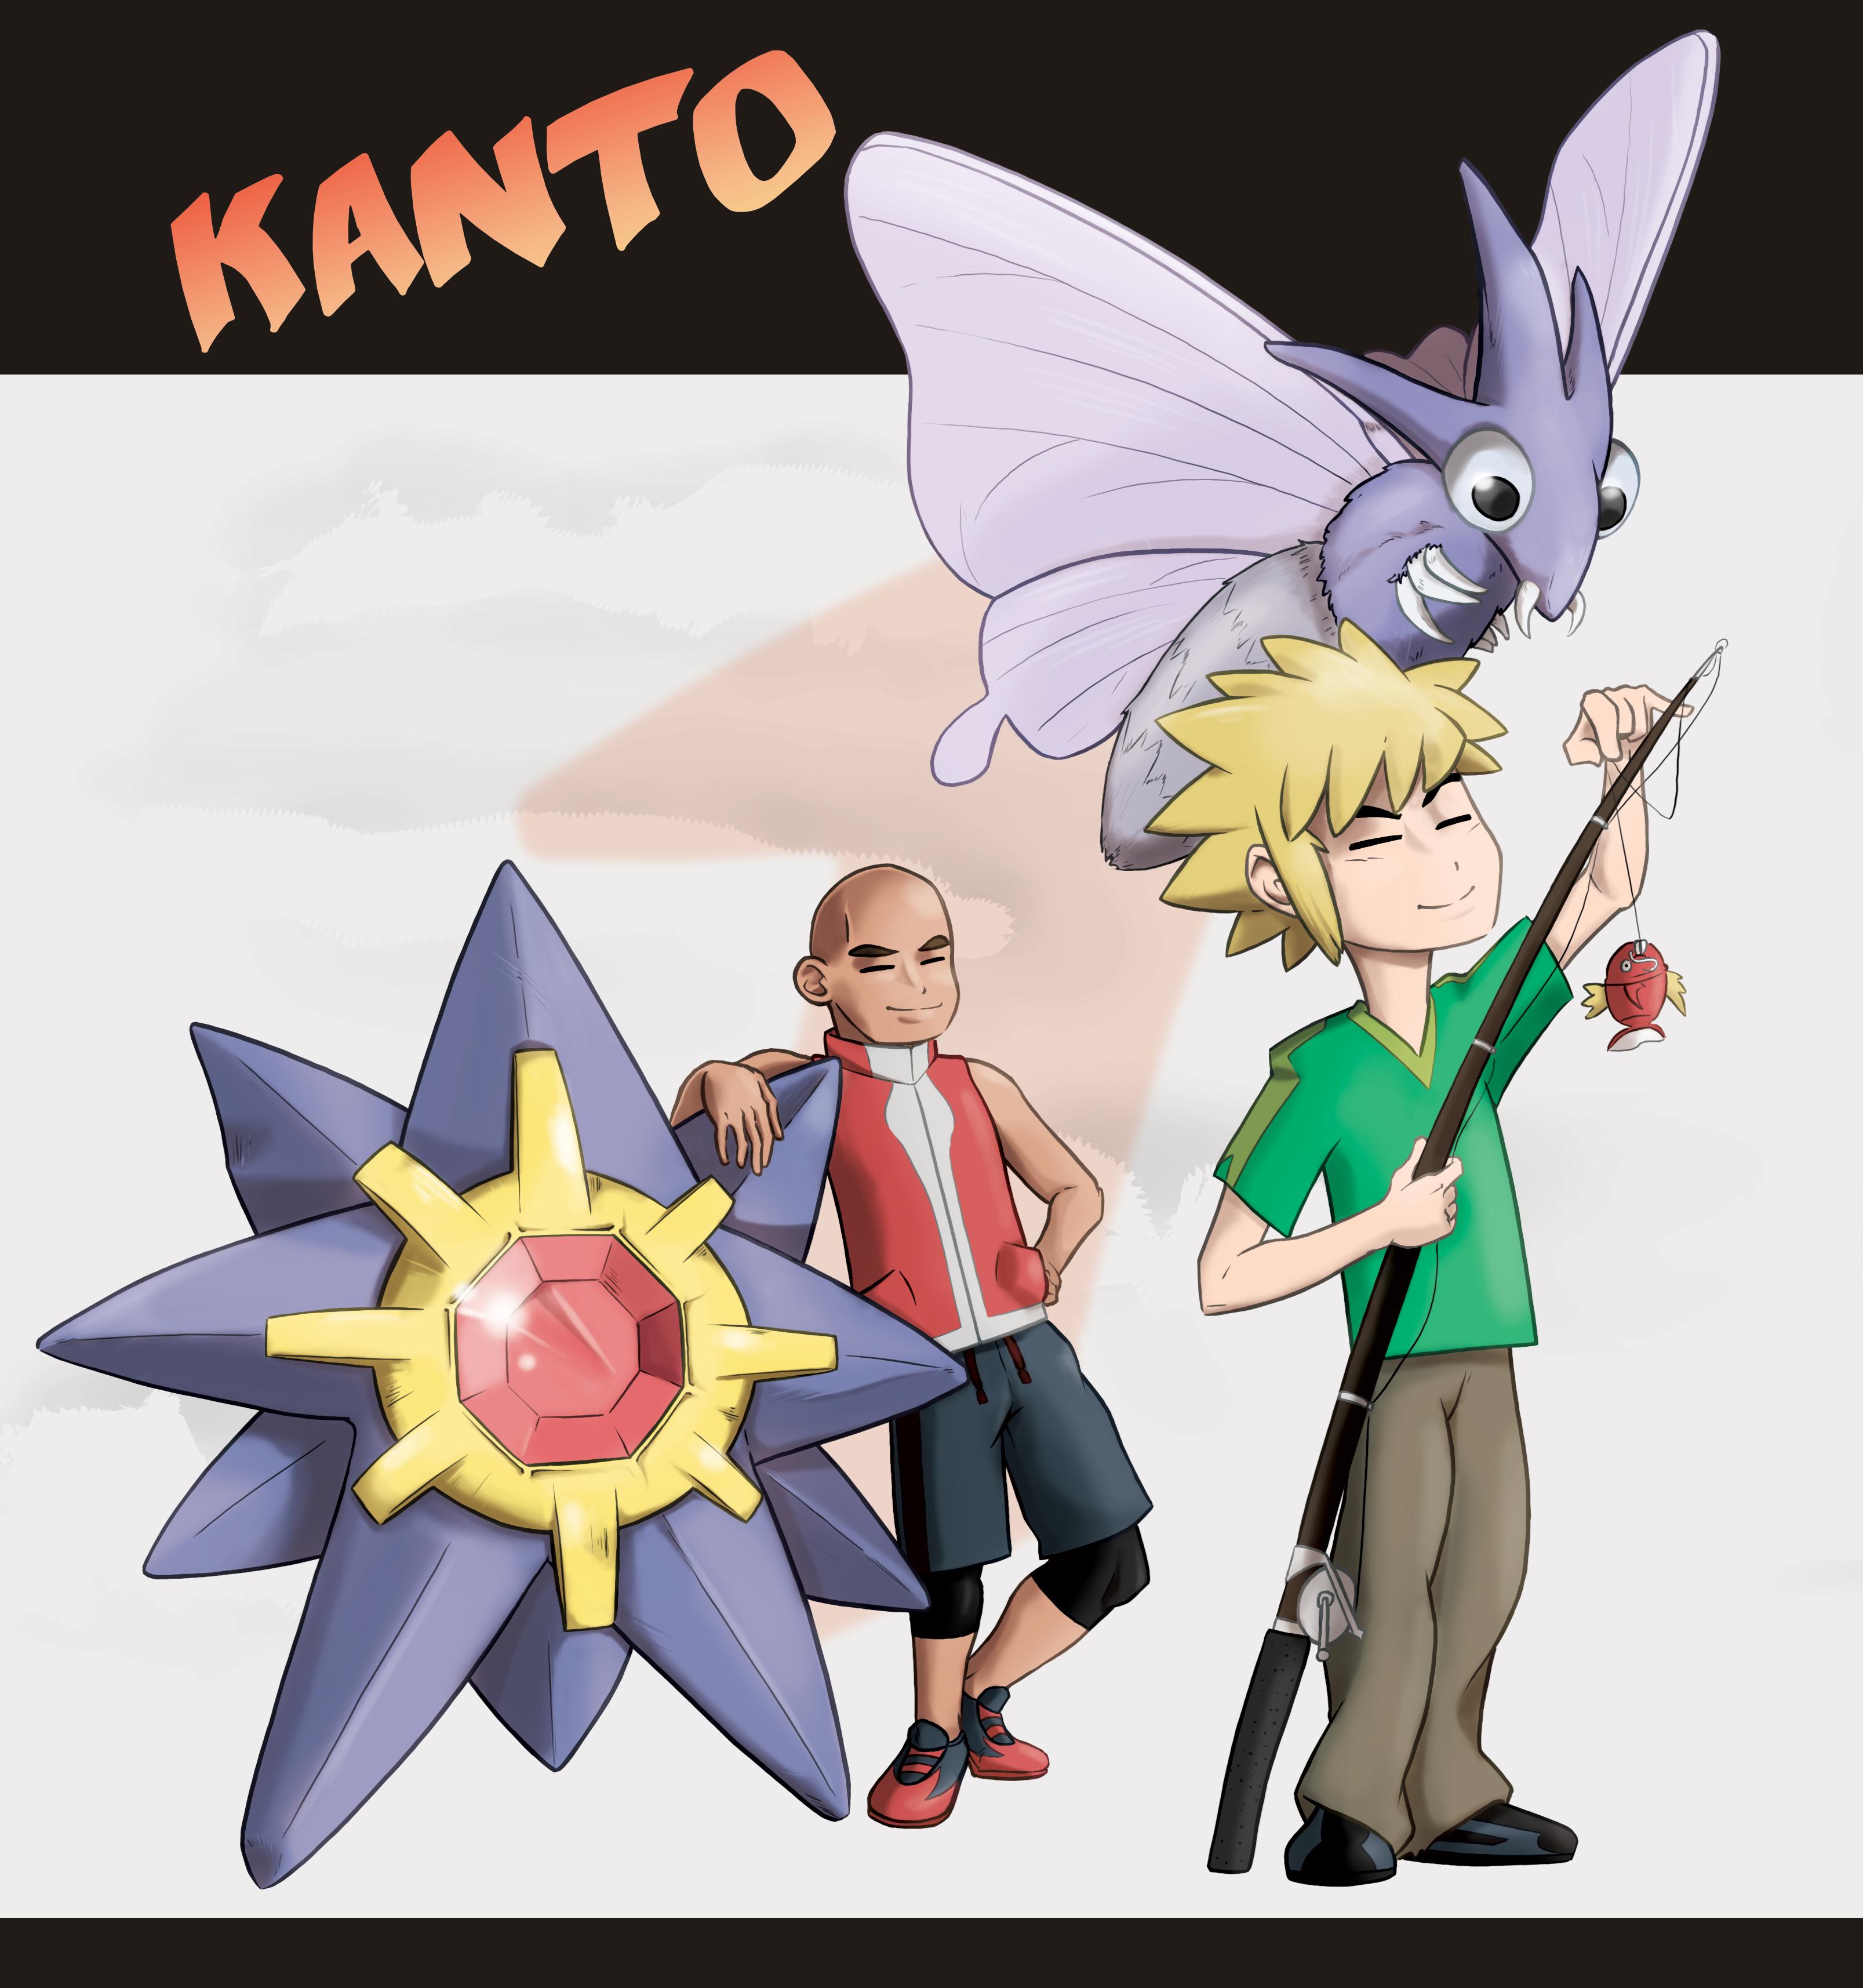 Pokémon - Kanto